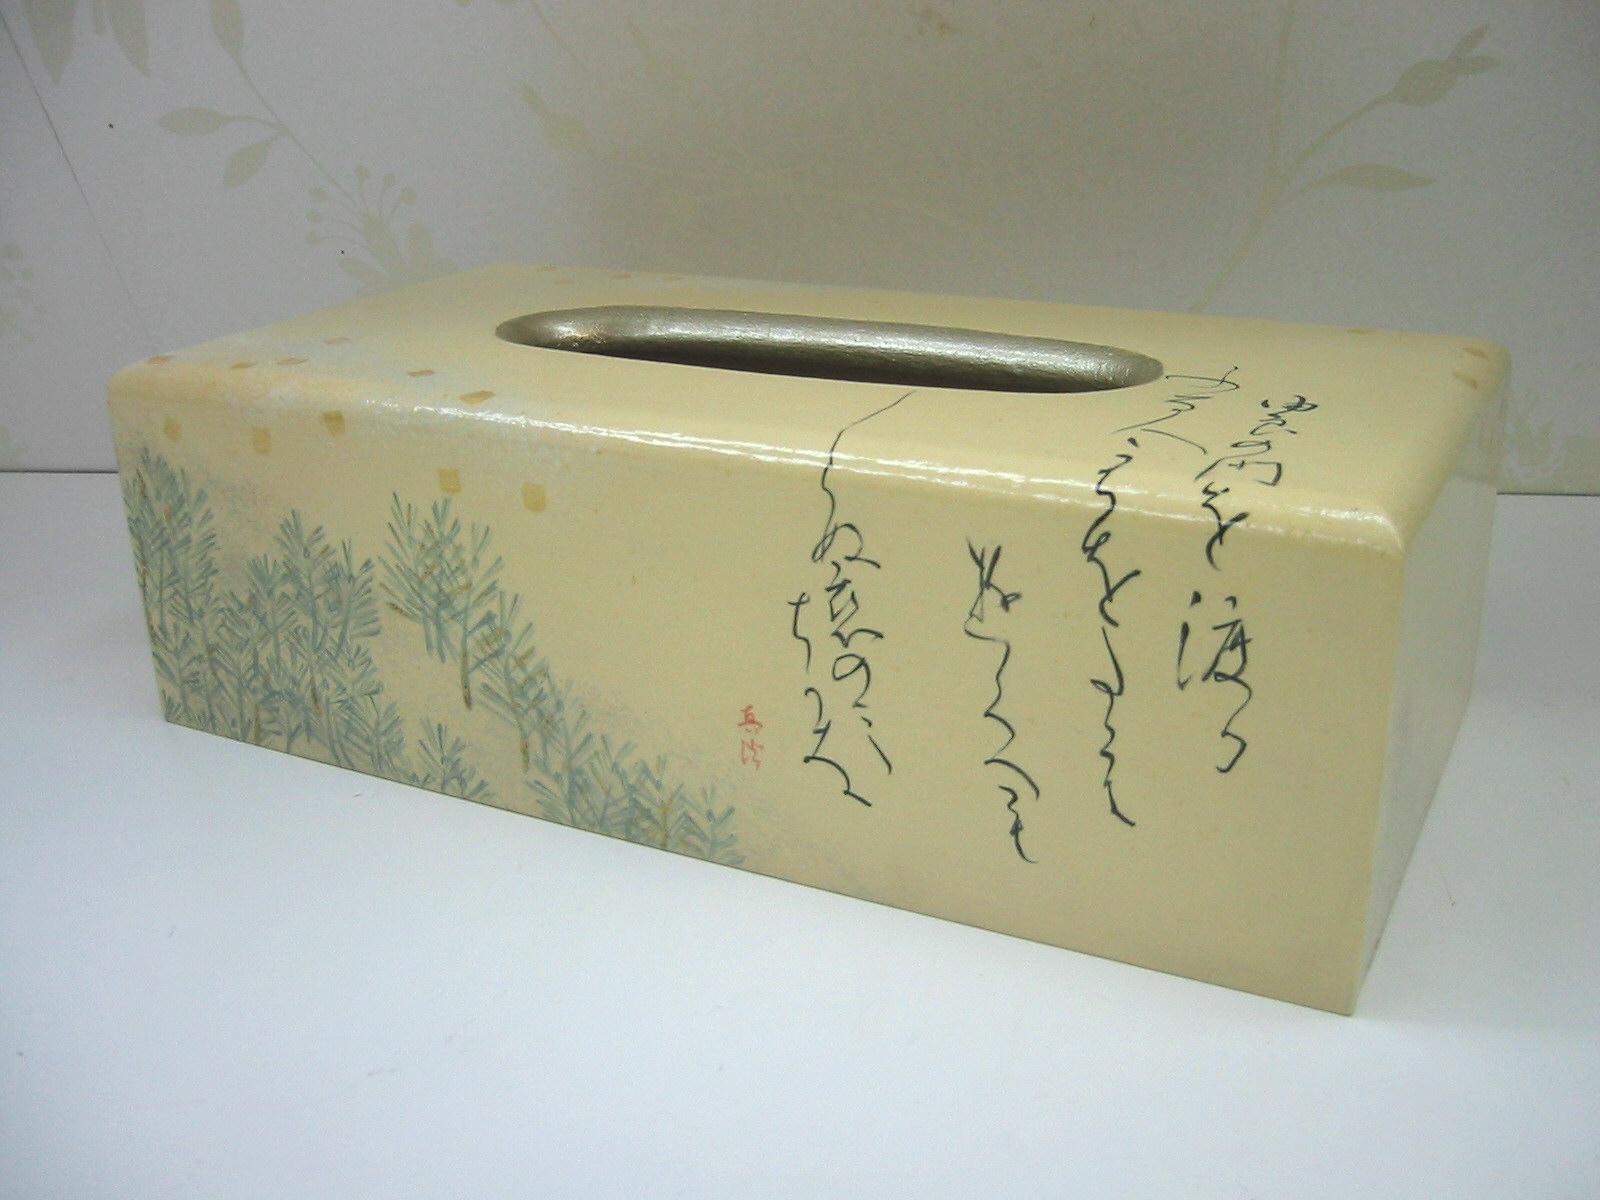 松と和歌のティッシュケース